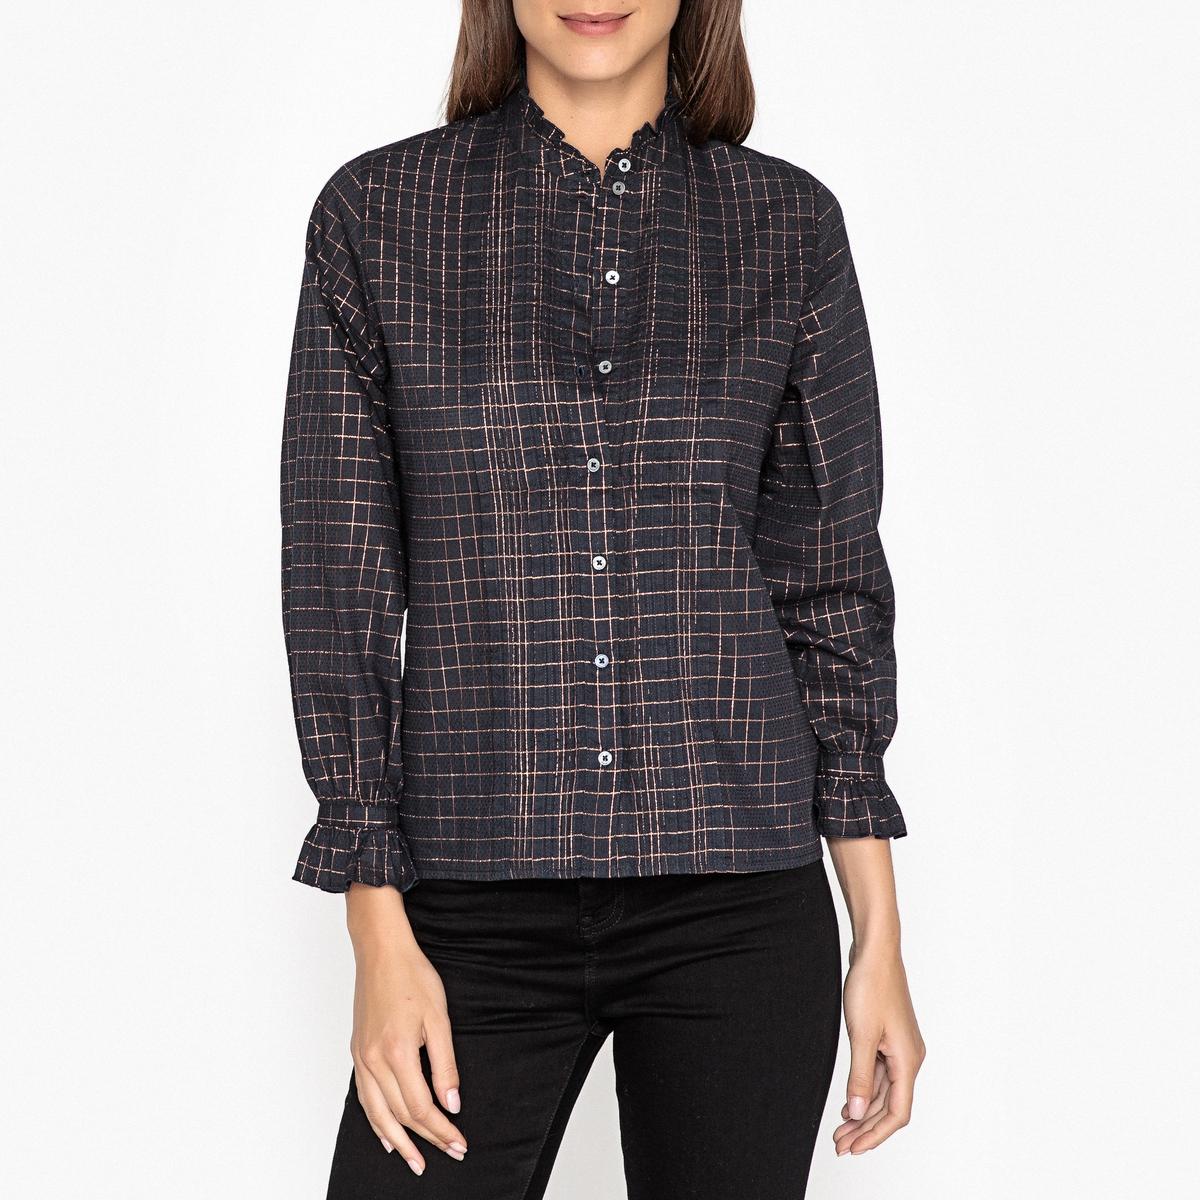 Рубашка с воротником-стойкой  принтом  клетку EMMA